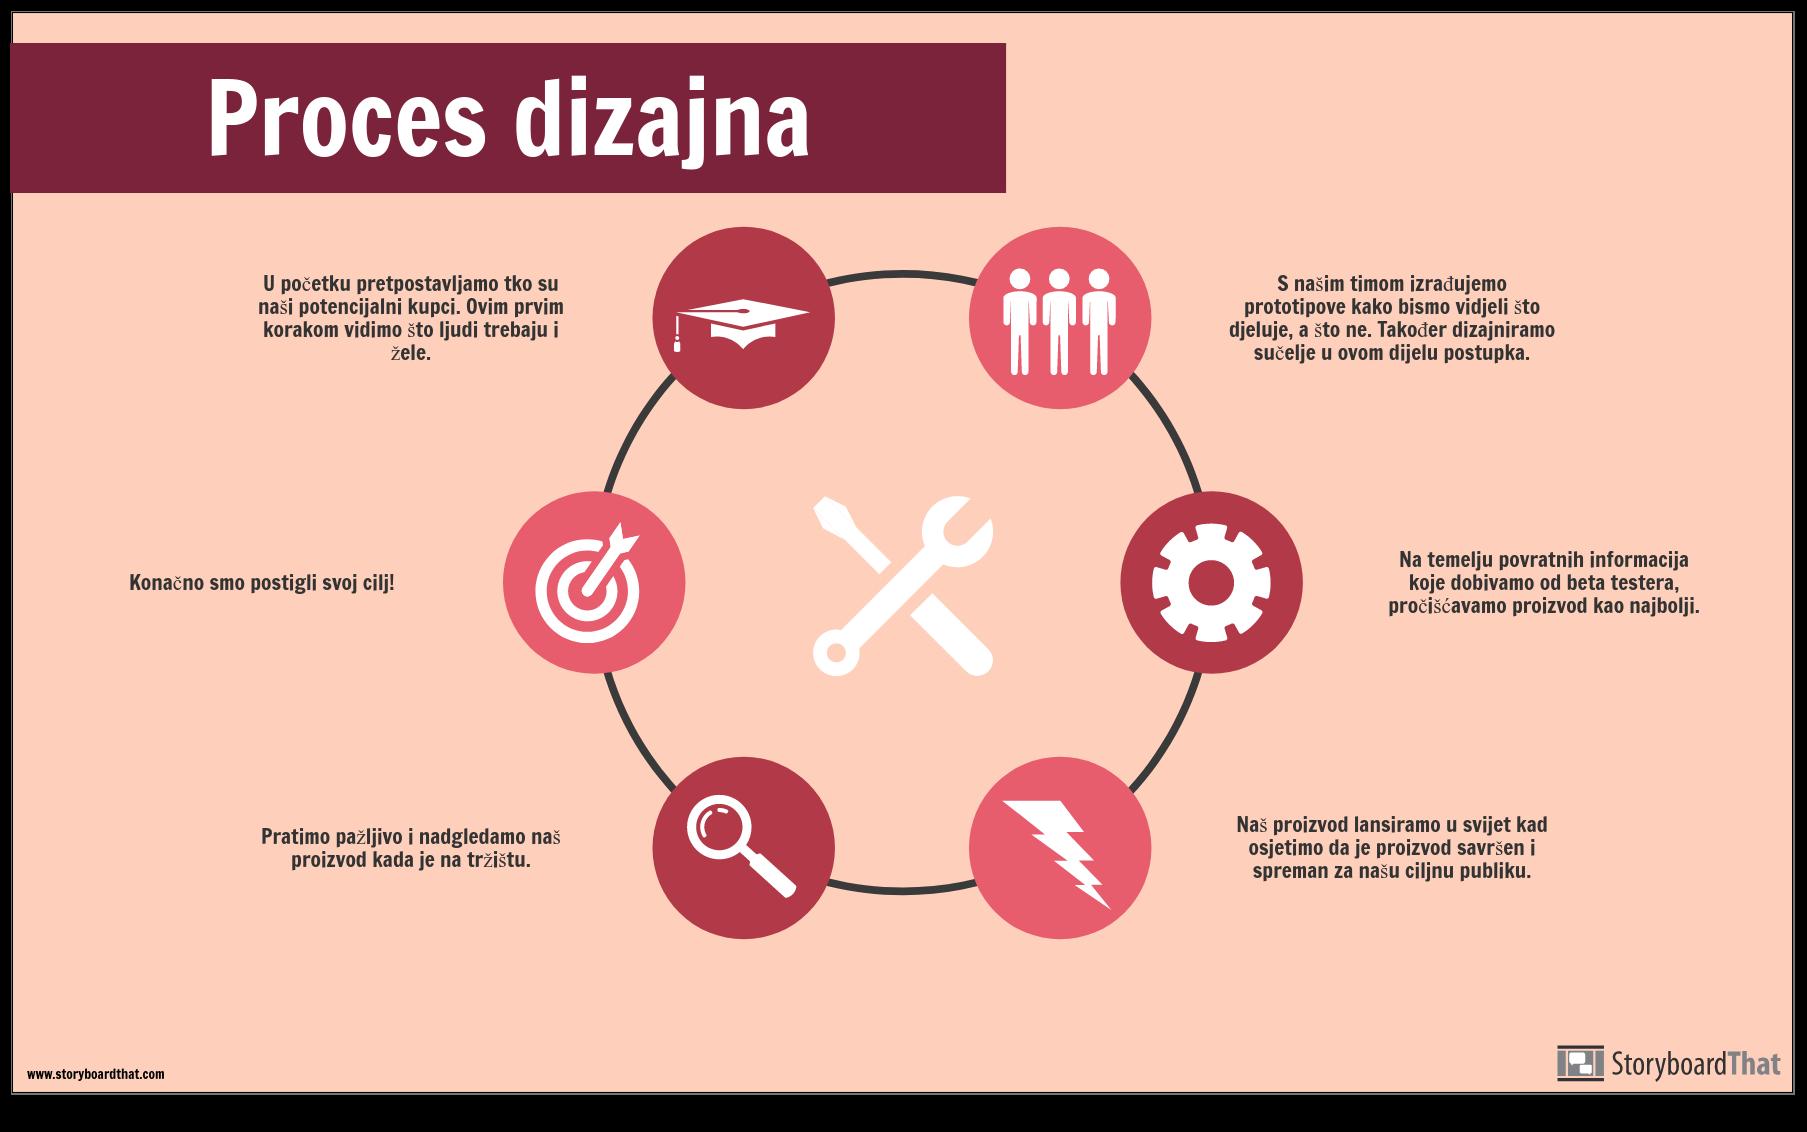 Primjer Dizajnerskog Procesa